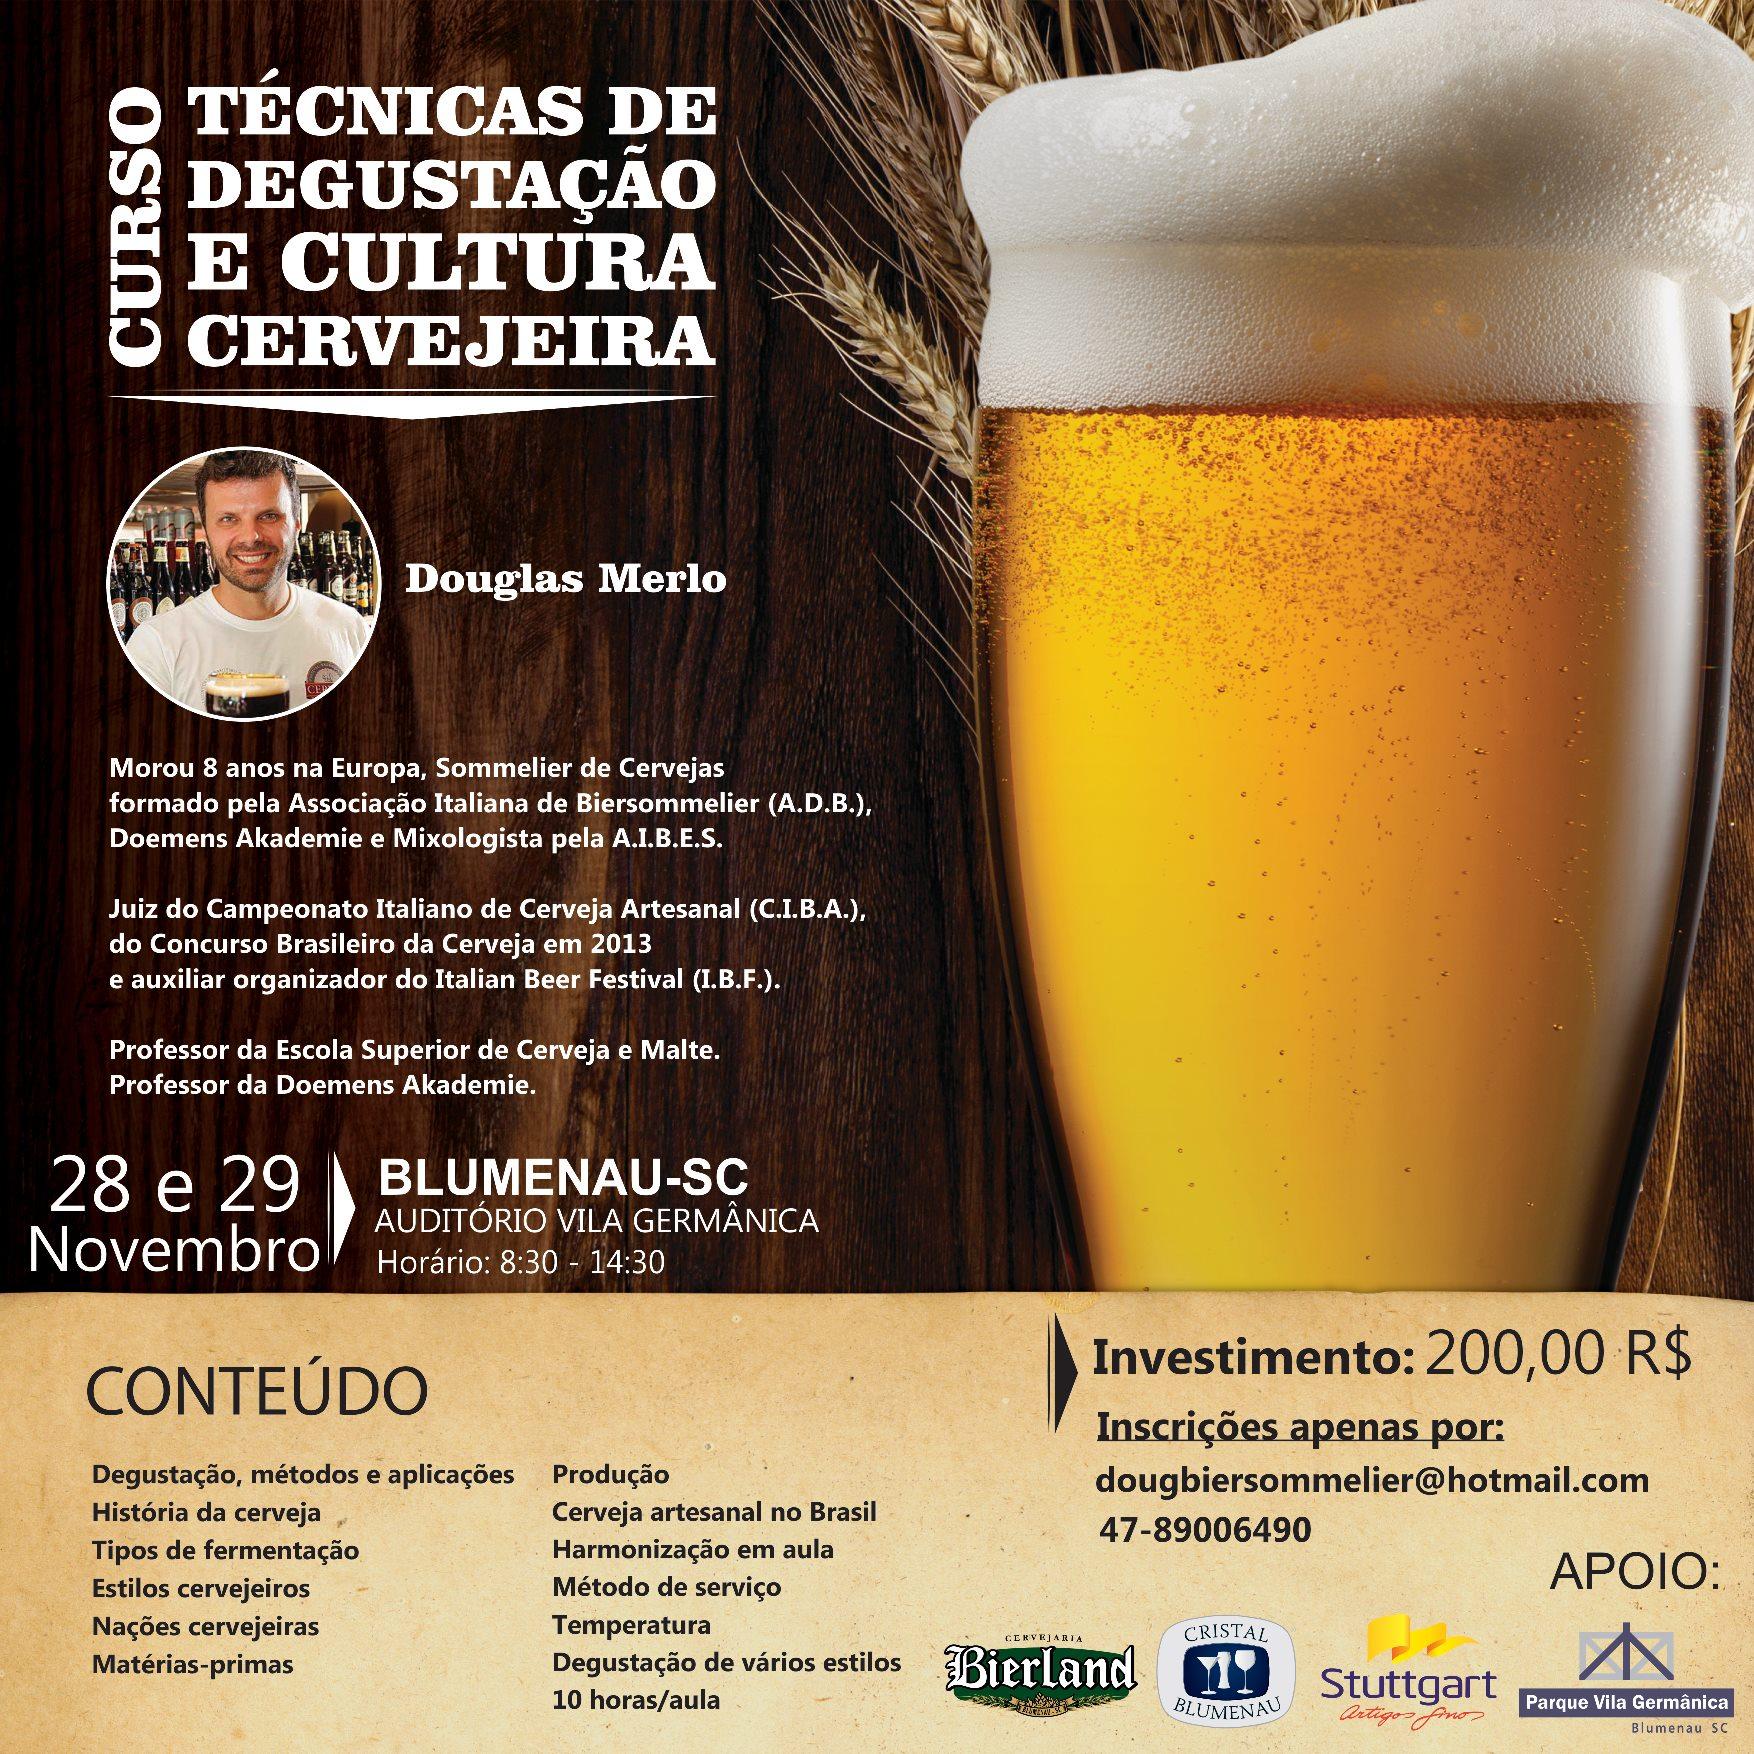 Degustação e Cultura Cervejeira